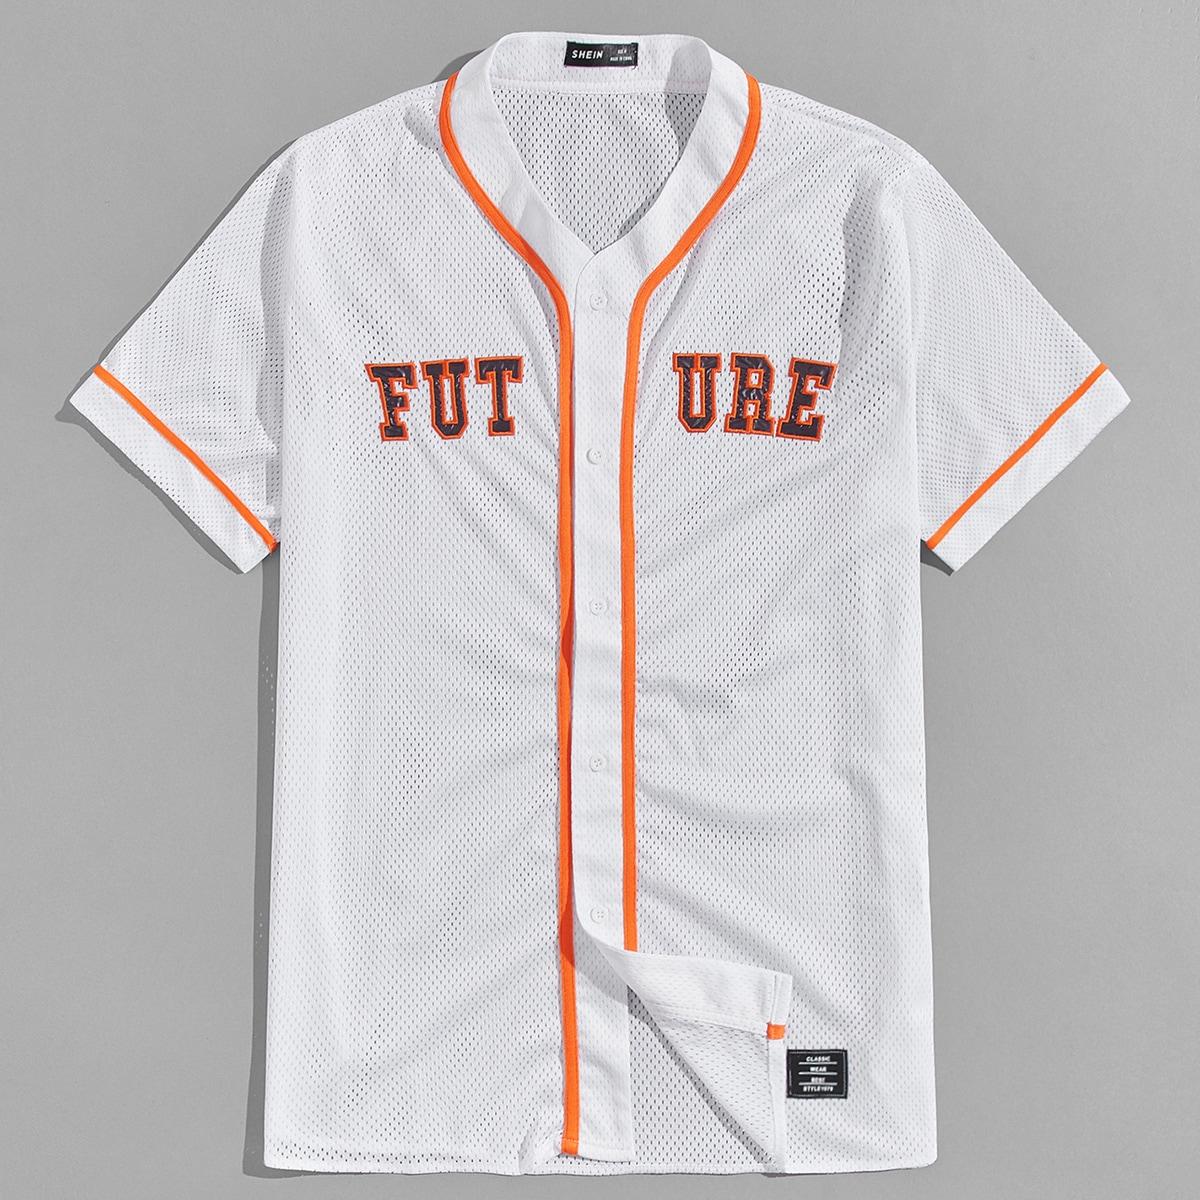 Мужская сетчатая рубашка с текстовой вышивкой